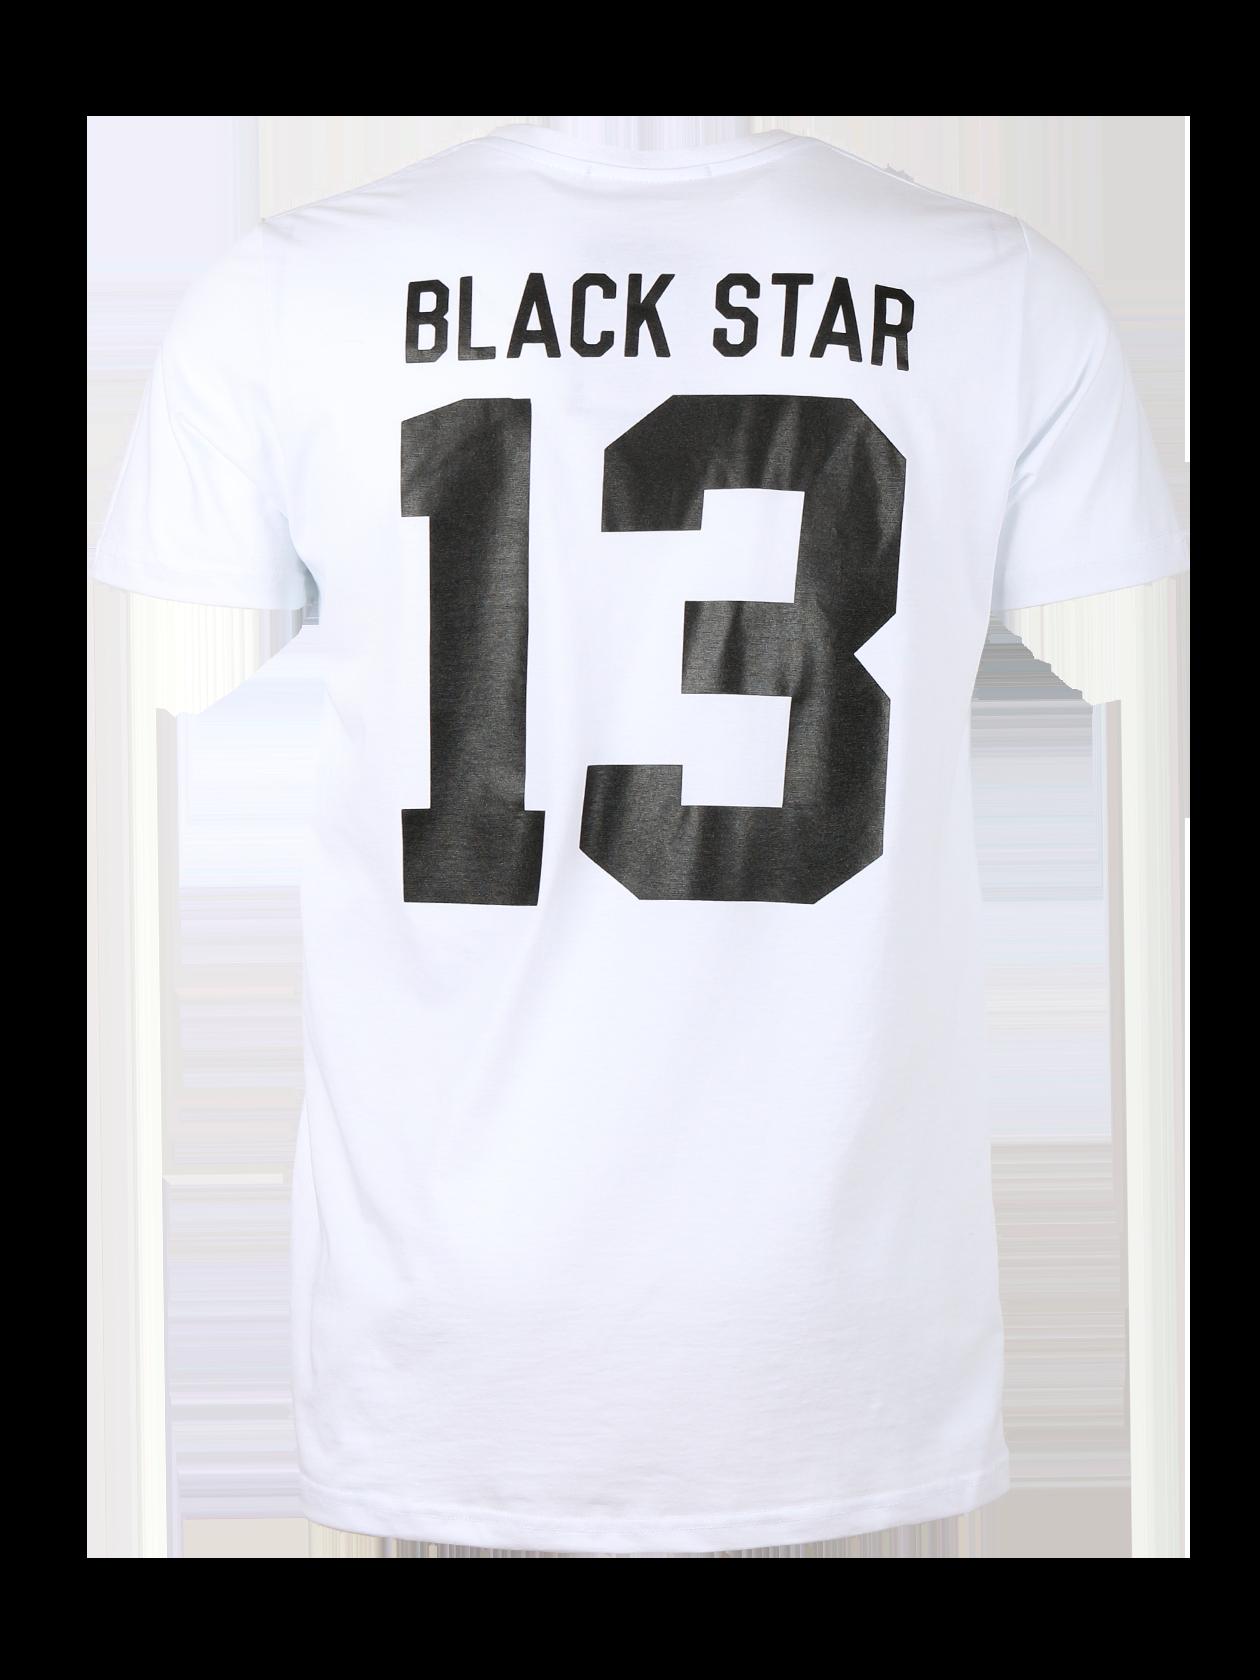 Футболка унисекс AnchorФутболка унисекс из коллекции Black Star Wear. Модель удлинённого прямого кроя с классическим рукавом и округлой горловиной. Выполнена из высококачественного бленда натурального хлопка (95%) и лайкры (5%), максимально приятного к телу. Доступна в чёрном, сером и белом цвете с контрастным принтом 13 на спине.<br><br>Размер: S<br>Цвет: Белый<br>Пол: Мужской